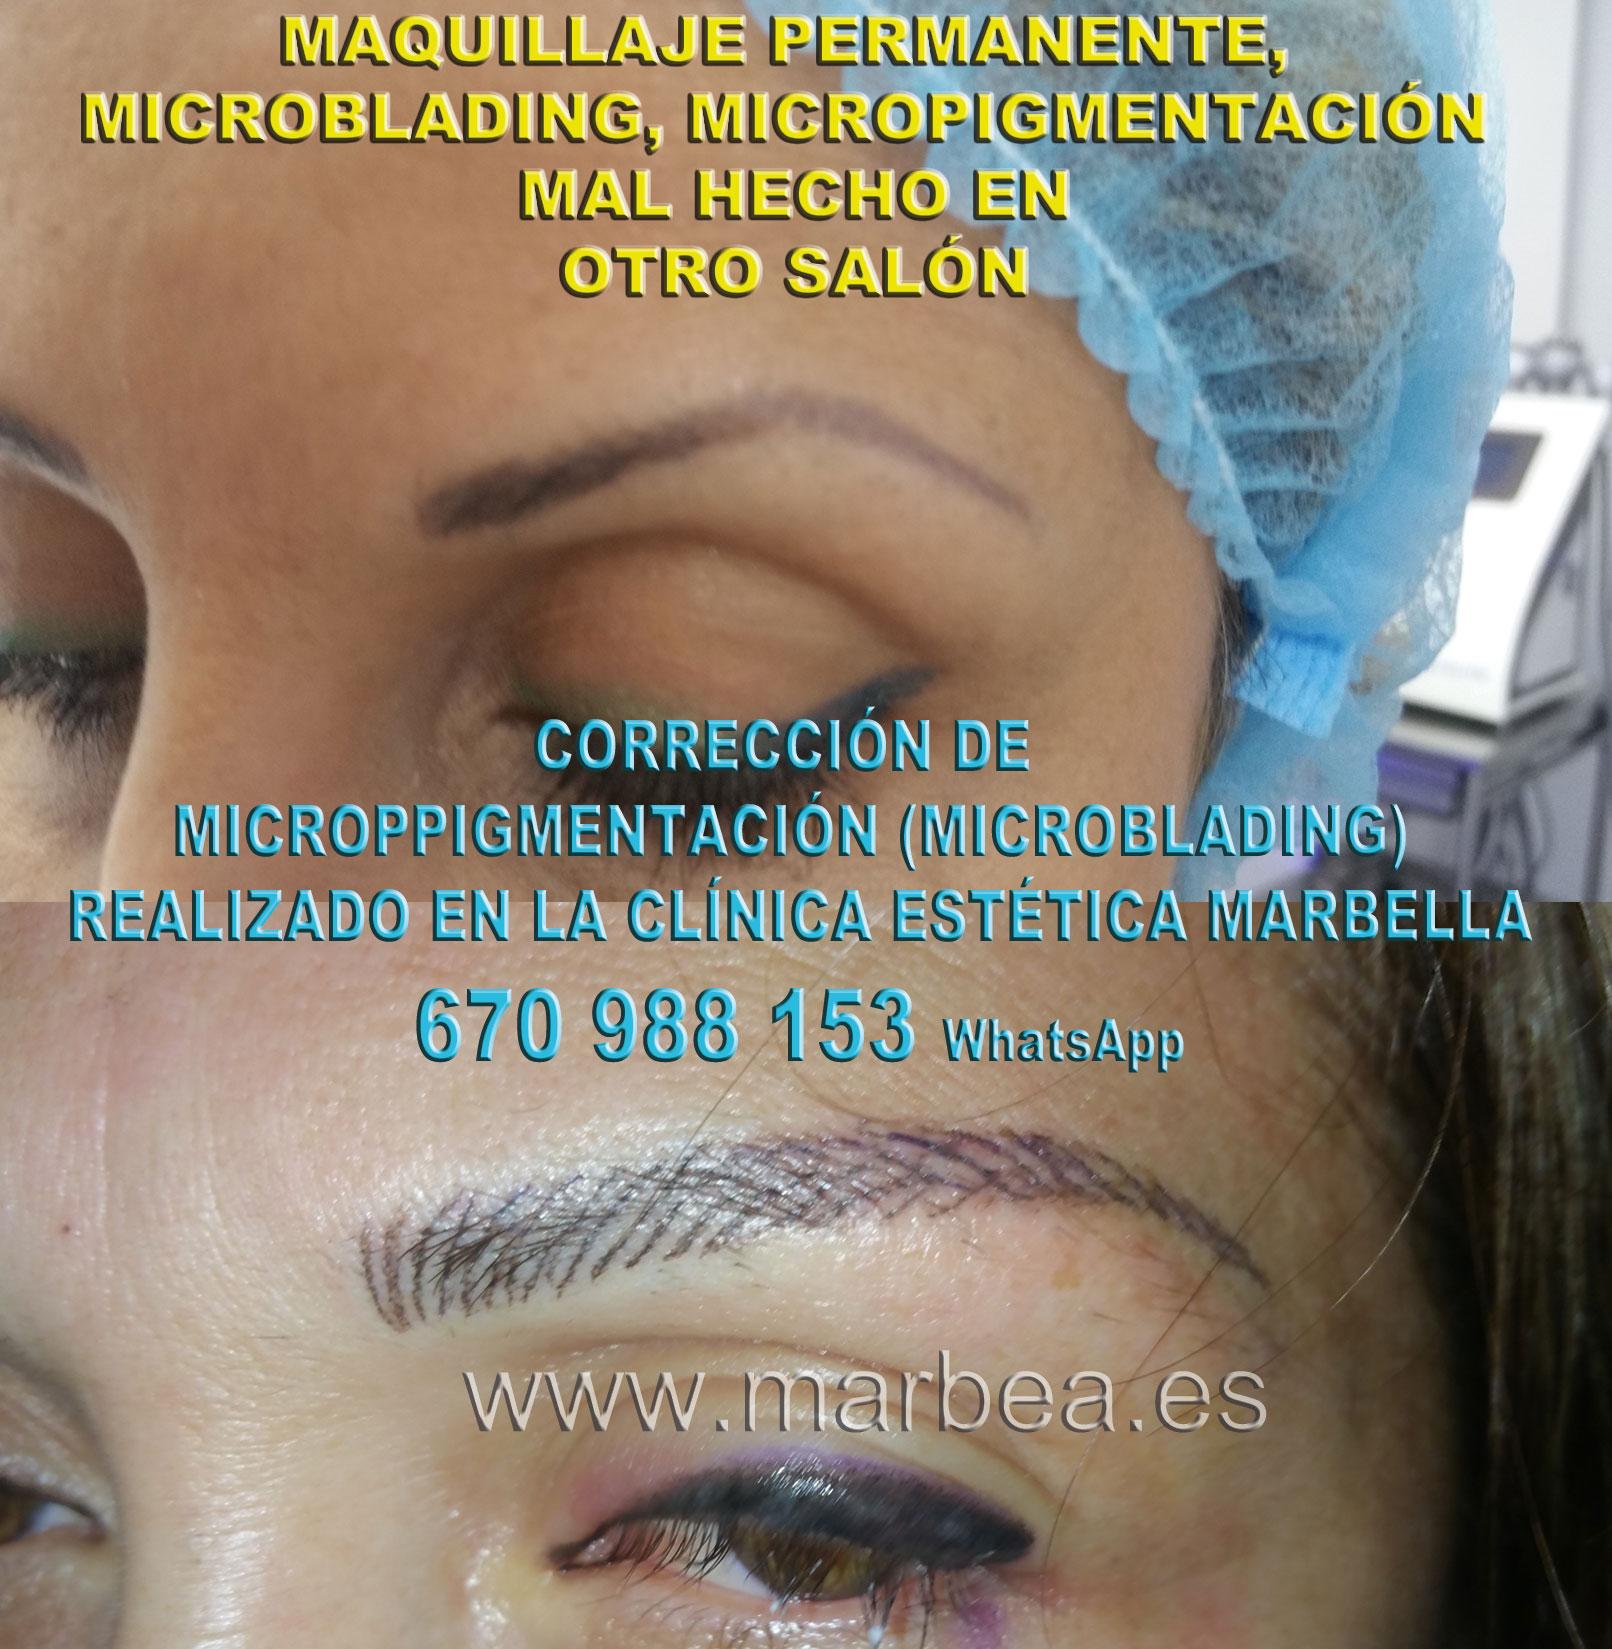 Borrar maquillaje permanente mal hecha clínica estética maquillaje permanete propone corrección de cejas mal tatuadas,corregir micropigmentación mal hecha